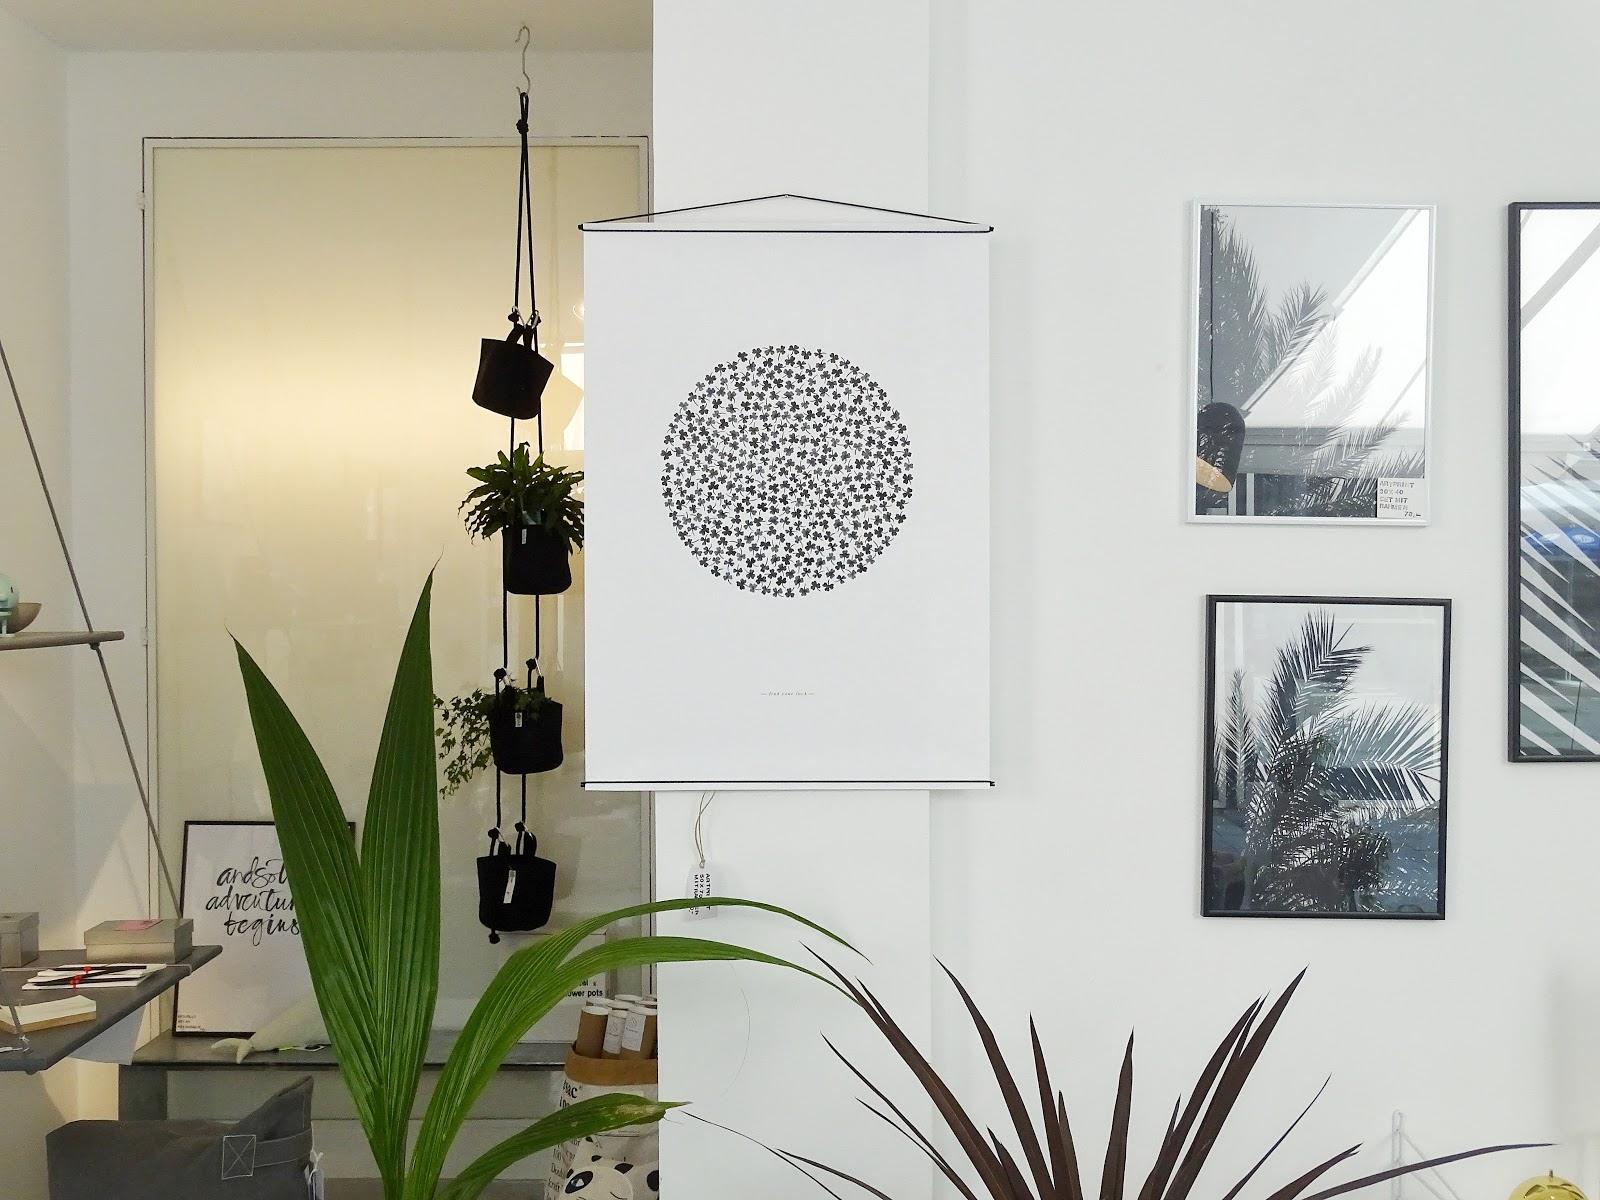 auf der mammilade n seite des lebens personal lifestyle diy and interior blog diy deko idee. Black Bedroom Furniture Sets. Home Design Ideas